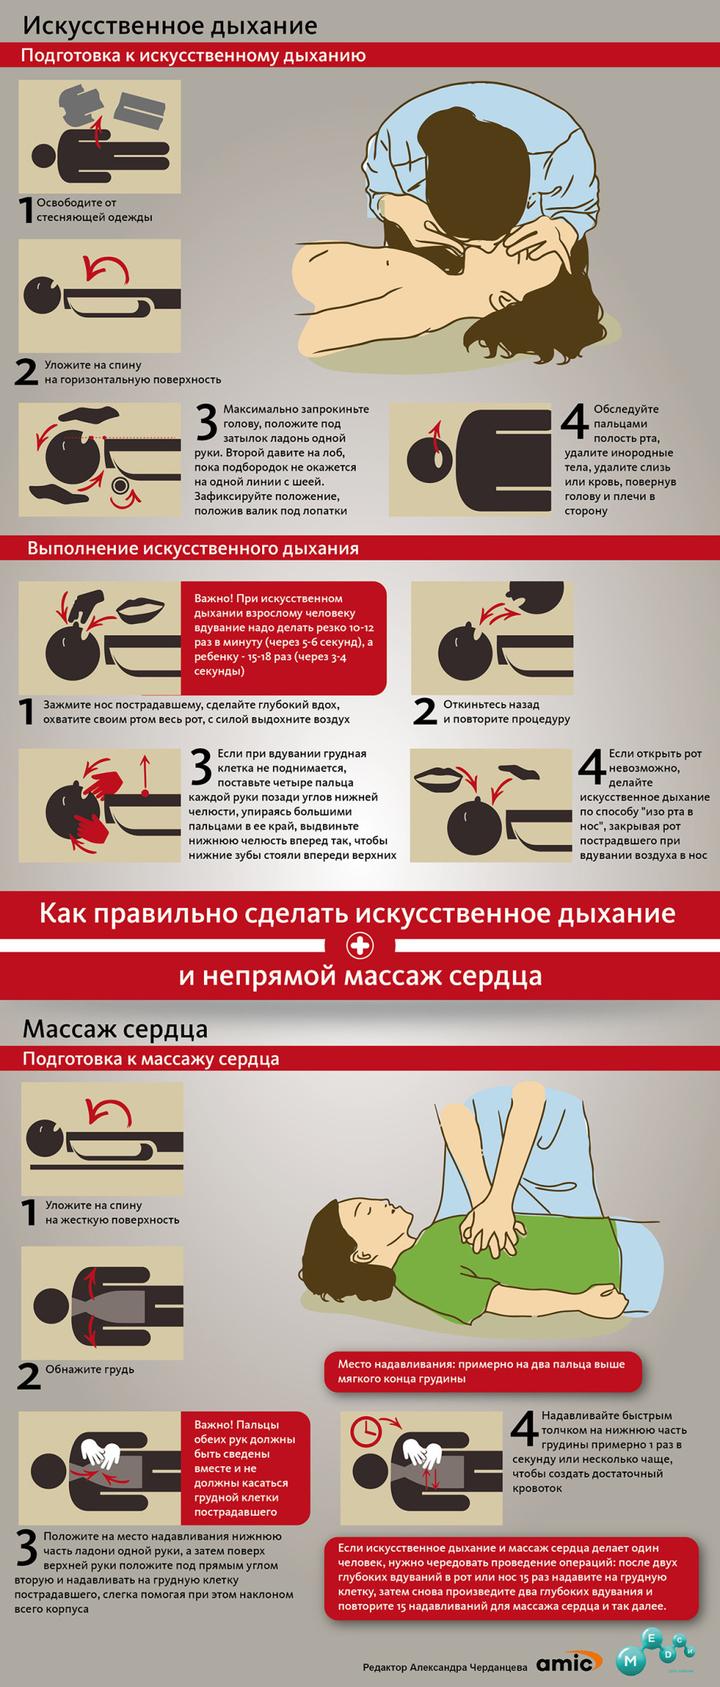 запеченный минтай в фольге в духовке рецепт пошагово